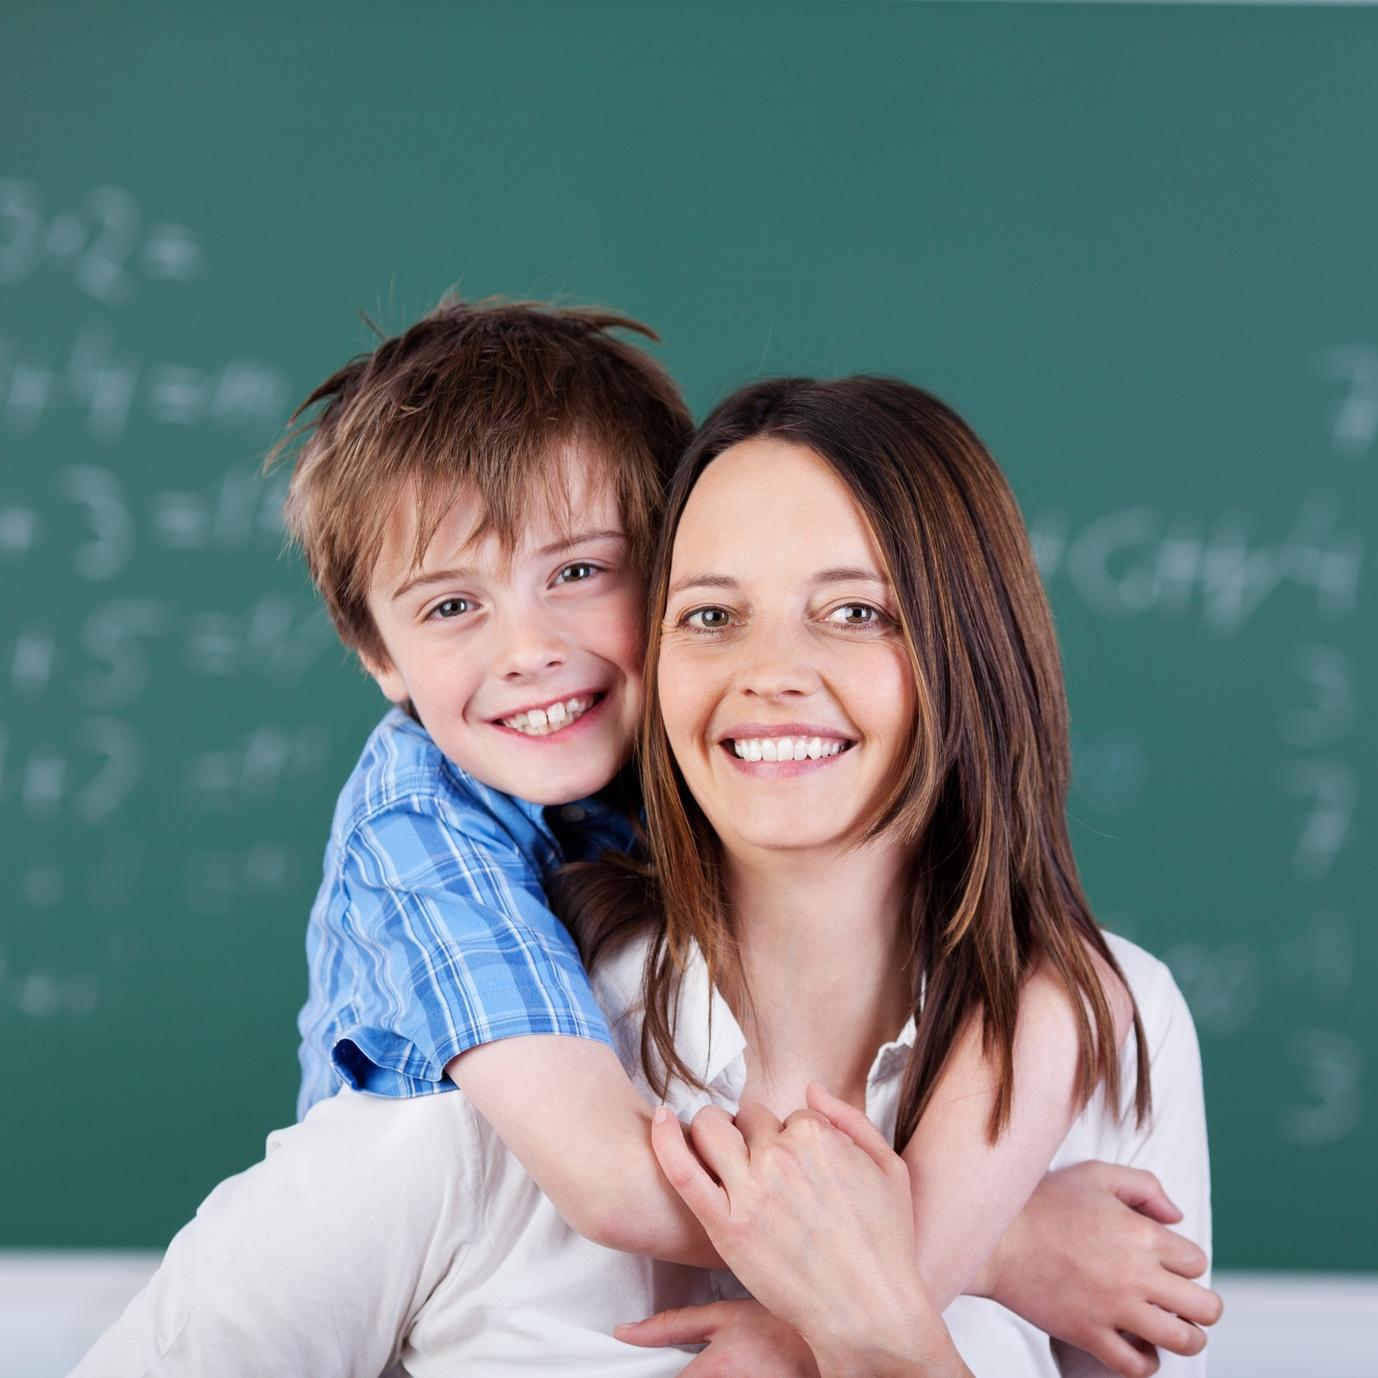 Schüler und erwachsene Frau vor einer Schultafel